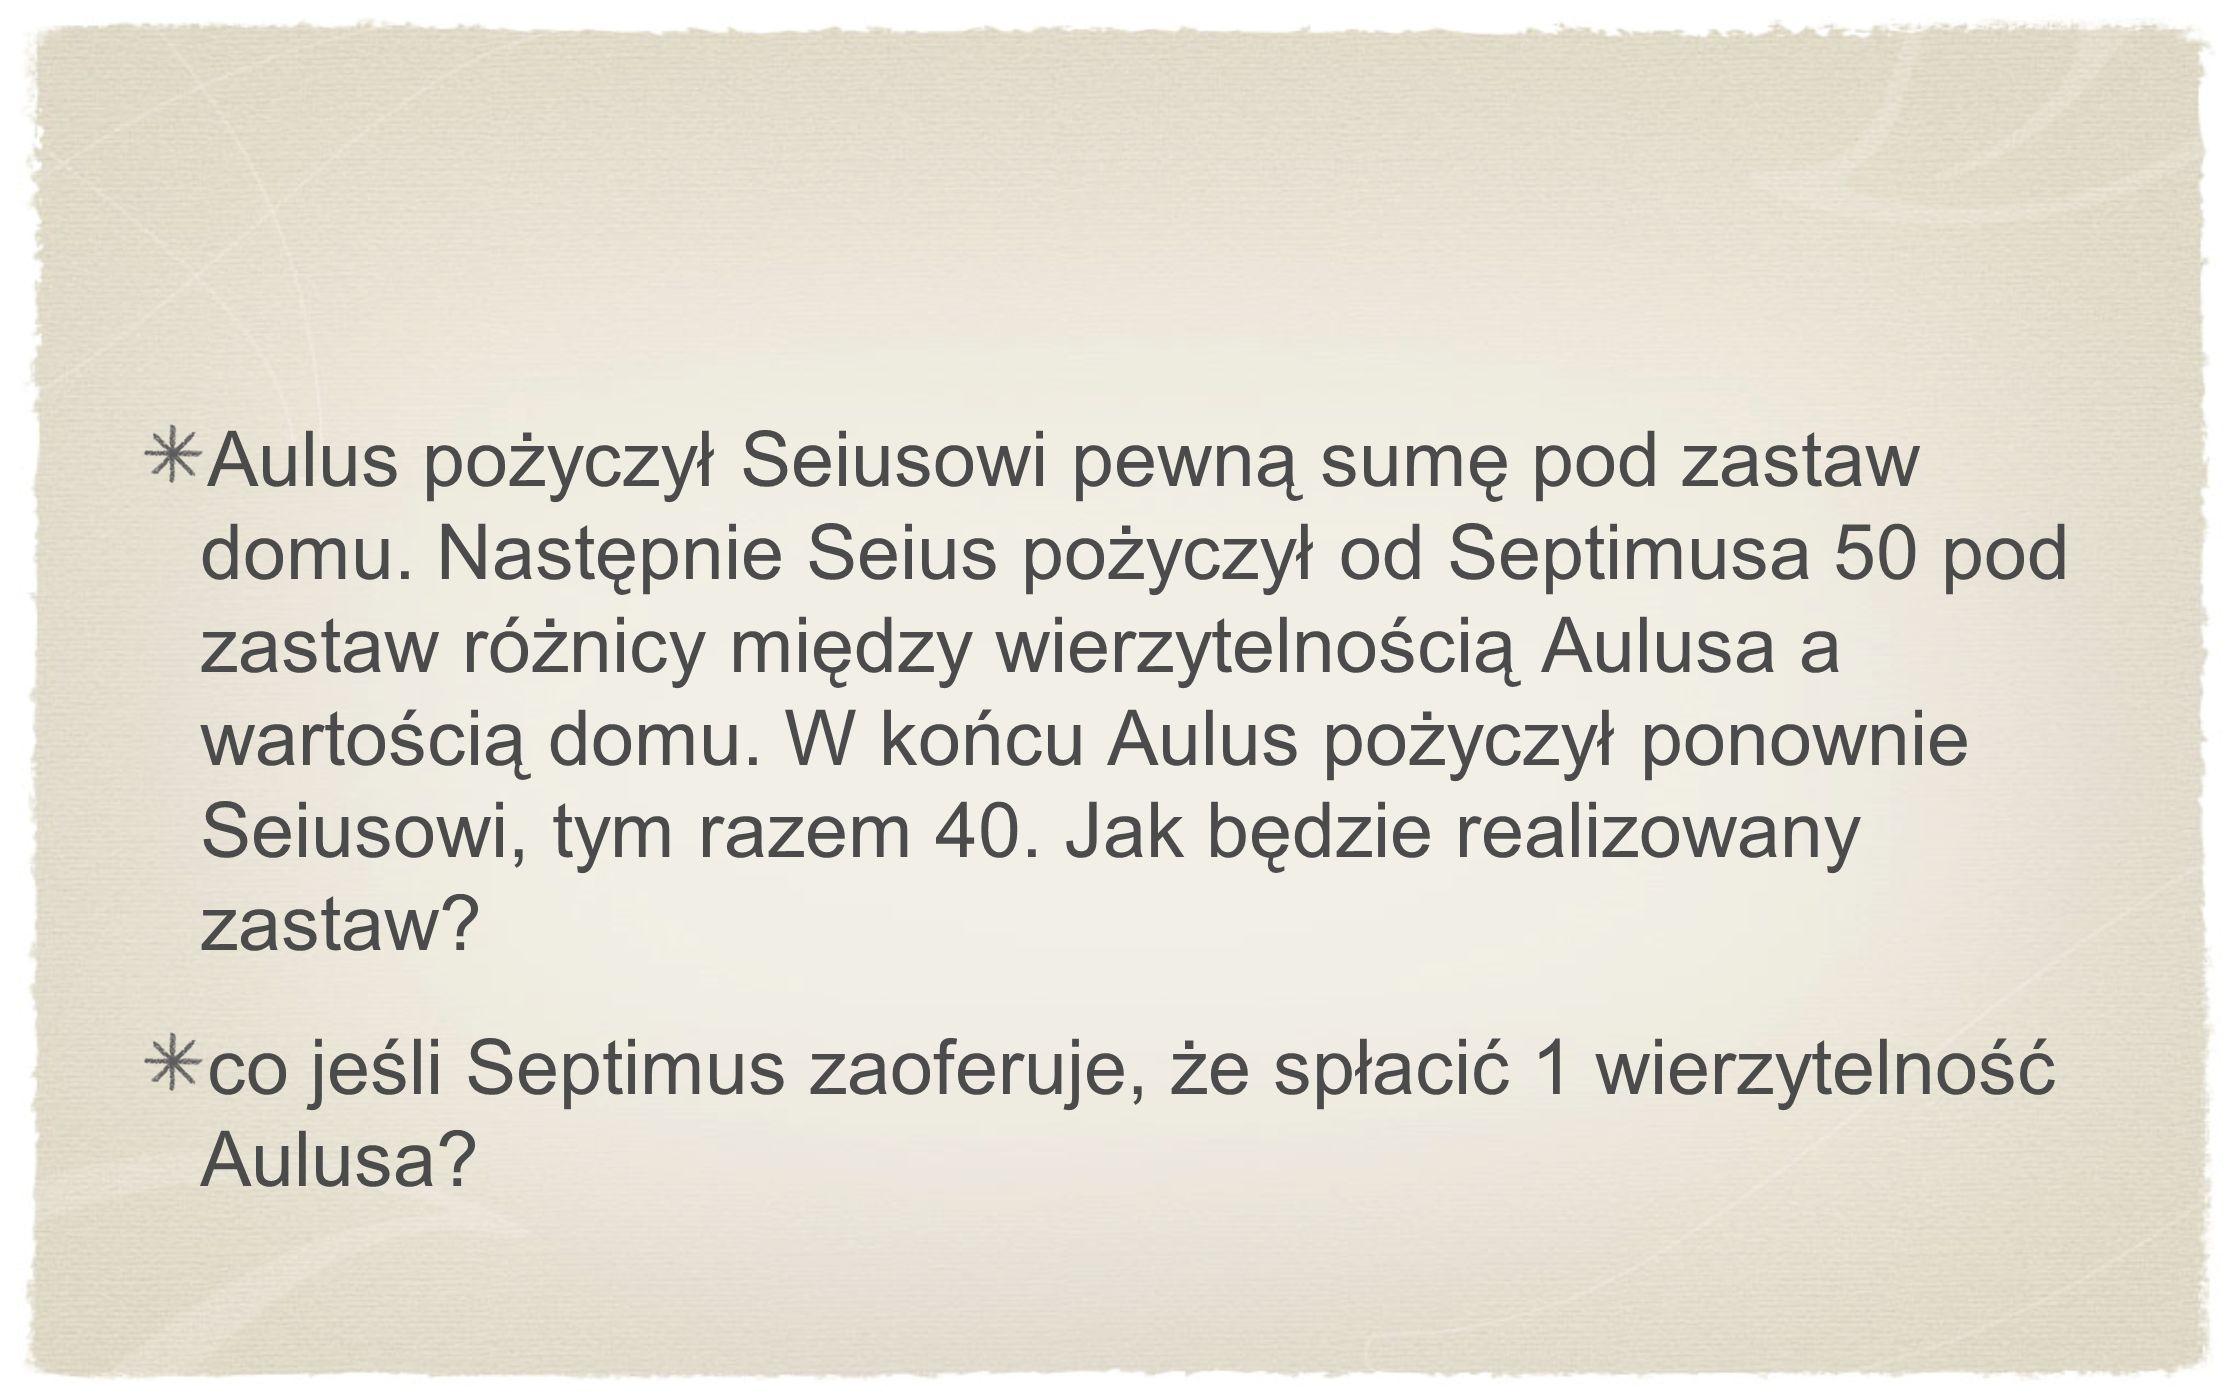 Aulus pożyczył Seiusowi pewną sumę pod zastaw domu. Następnie Seius pożyczył od Septimusa 50 pod zastaw różnicy między wierzytelnością Aulusa a wartoś